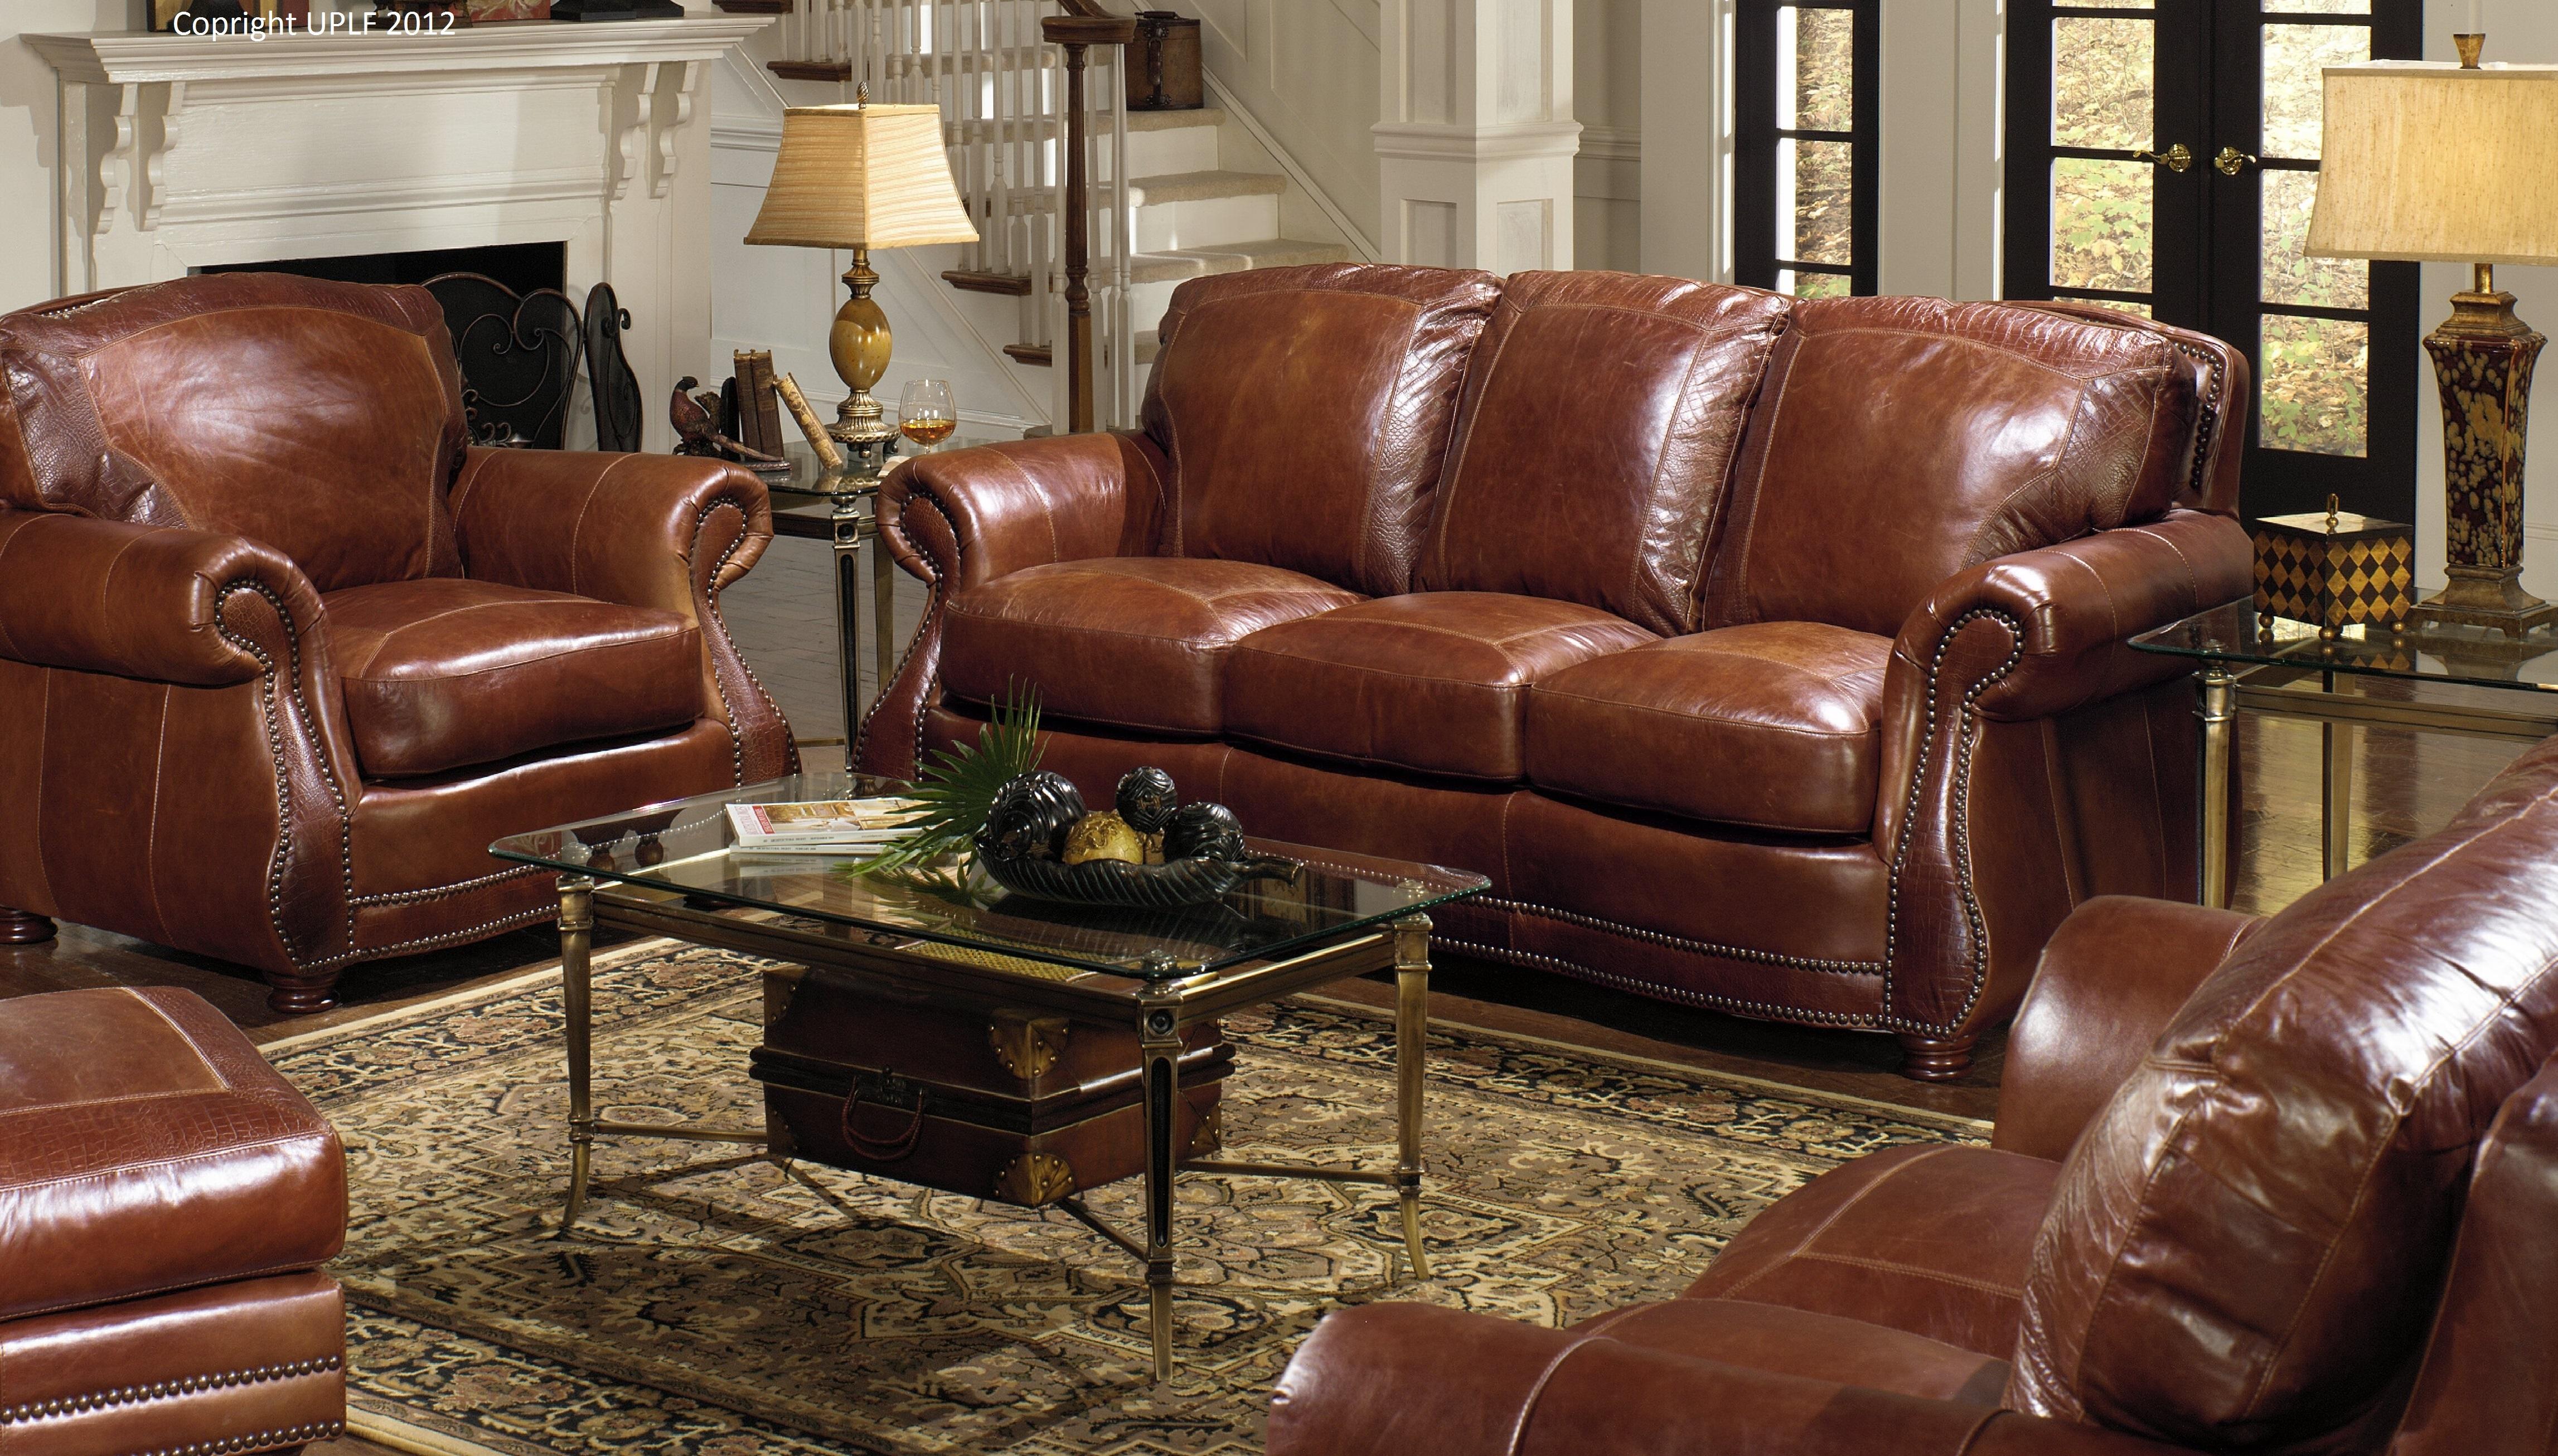 «Usa premium leather furniture VNLHMGE